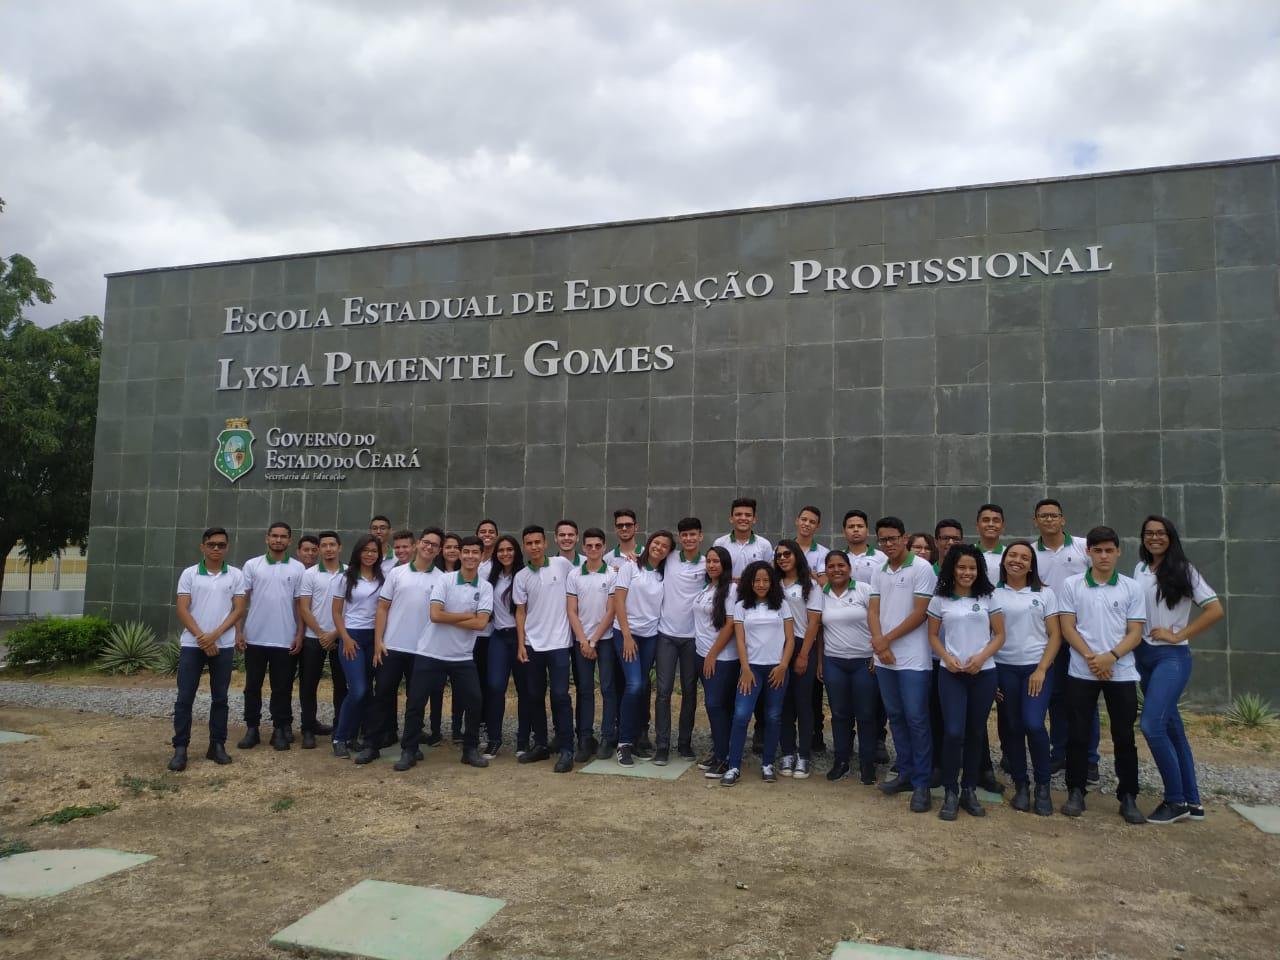 Resultado de imagem para Ceará tem 55 das 100 escolas de Ensino Médio mais bem avaliadas do Brasil